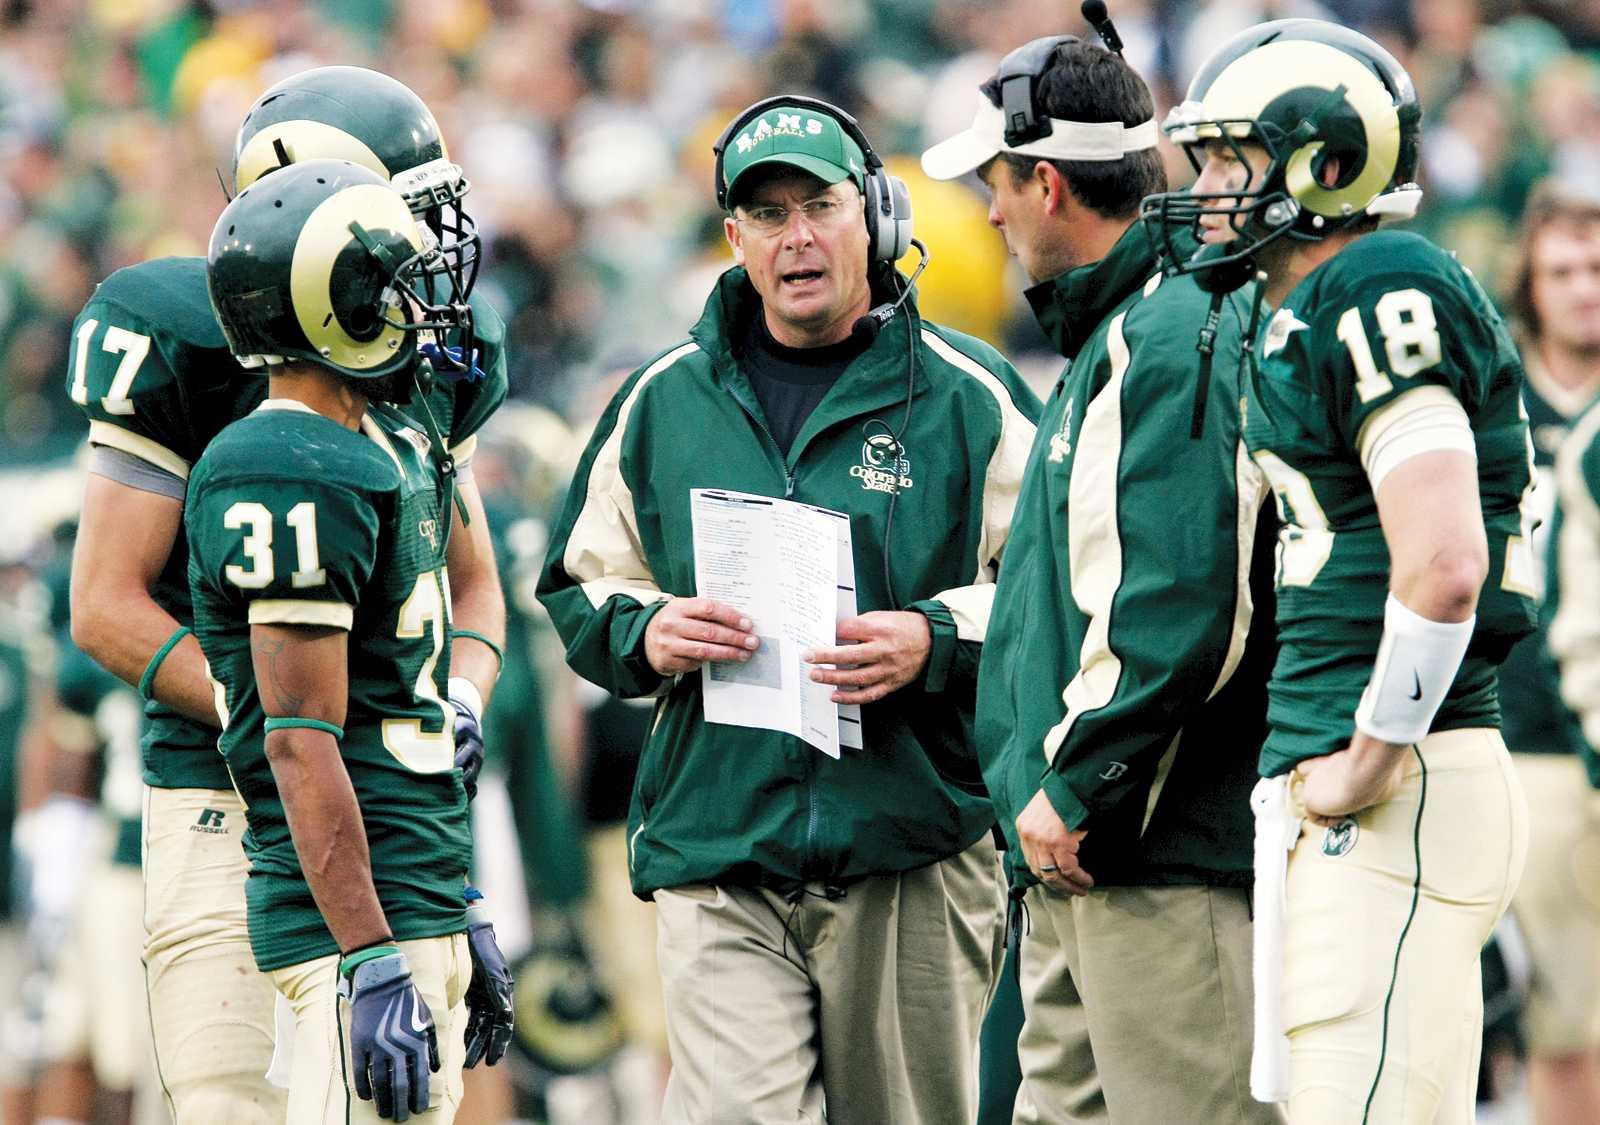 Former Csu Coach Steve Fairchild Hired As Virginia